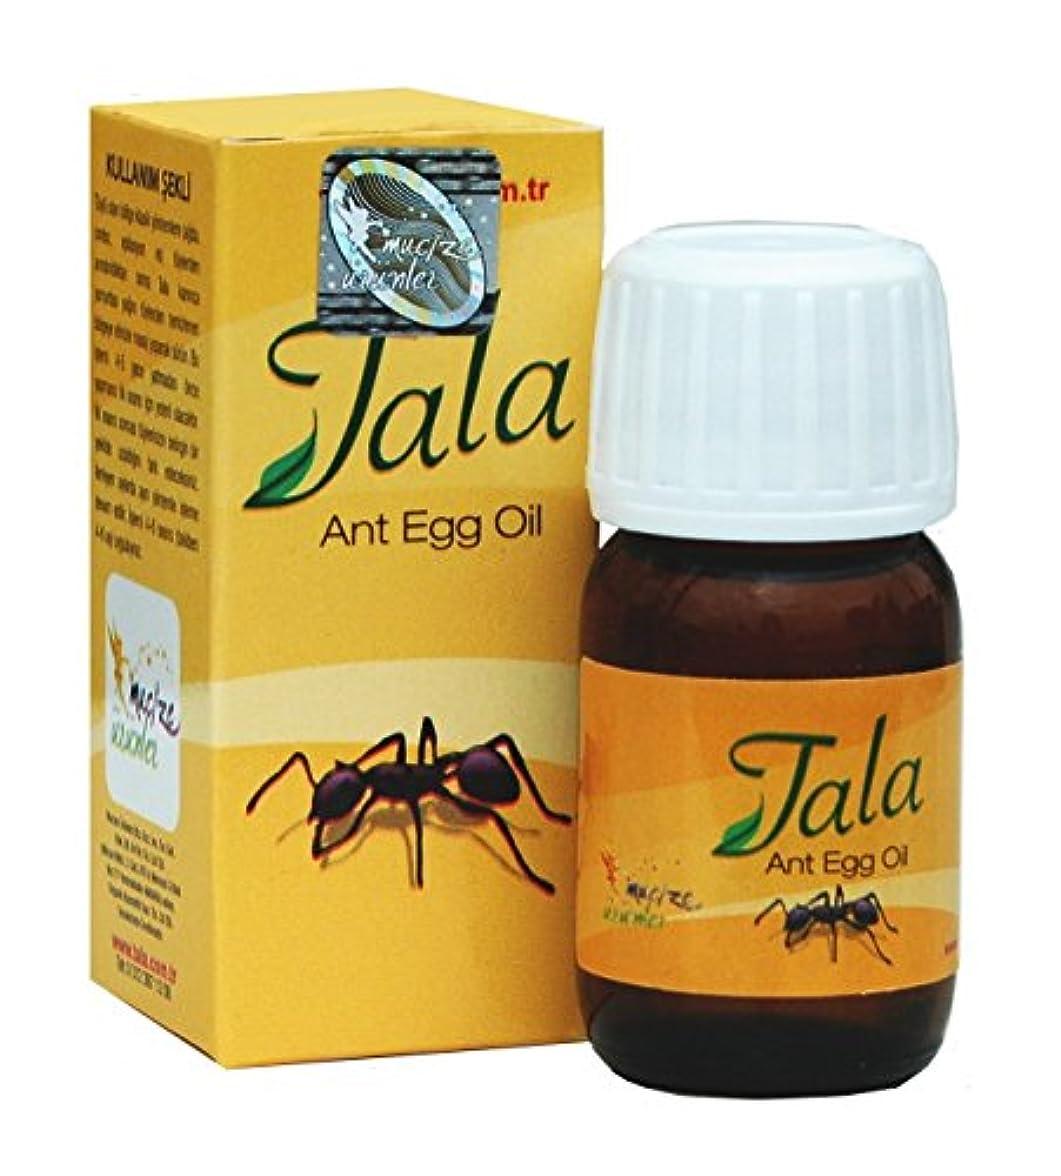 軽蔑する解釈ダイアクリティカルTala Ant Egg Oil (アリ脱毛オイル) 20 ml [並行輸入品]